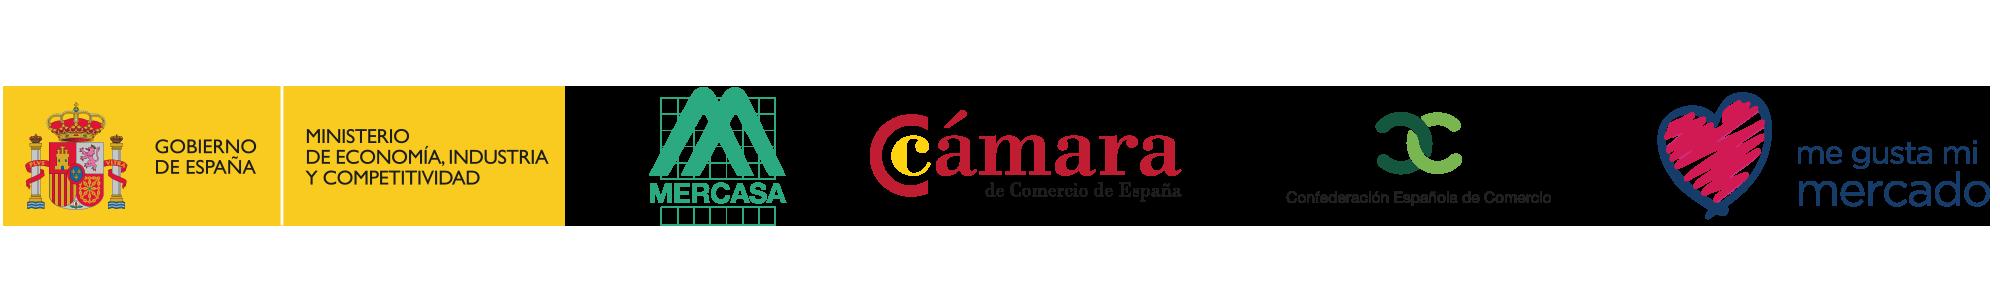 Ministerio de Economía, industria y competitividad, Mercasa, Cámara de Comercio de España, Confederación española de comercio, me gusta mi mercado